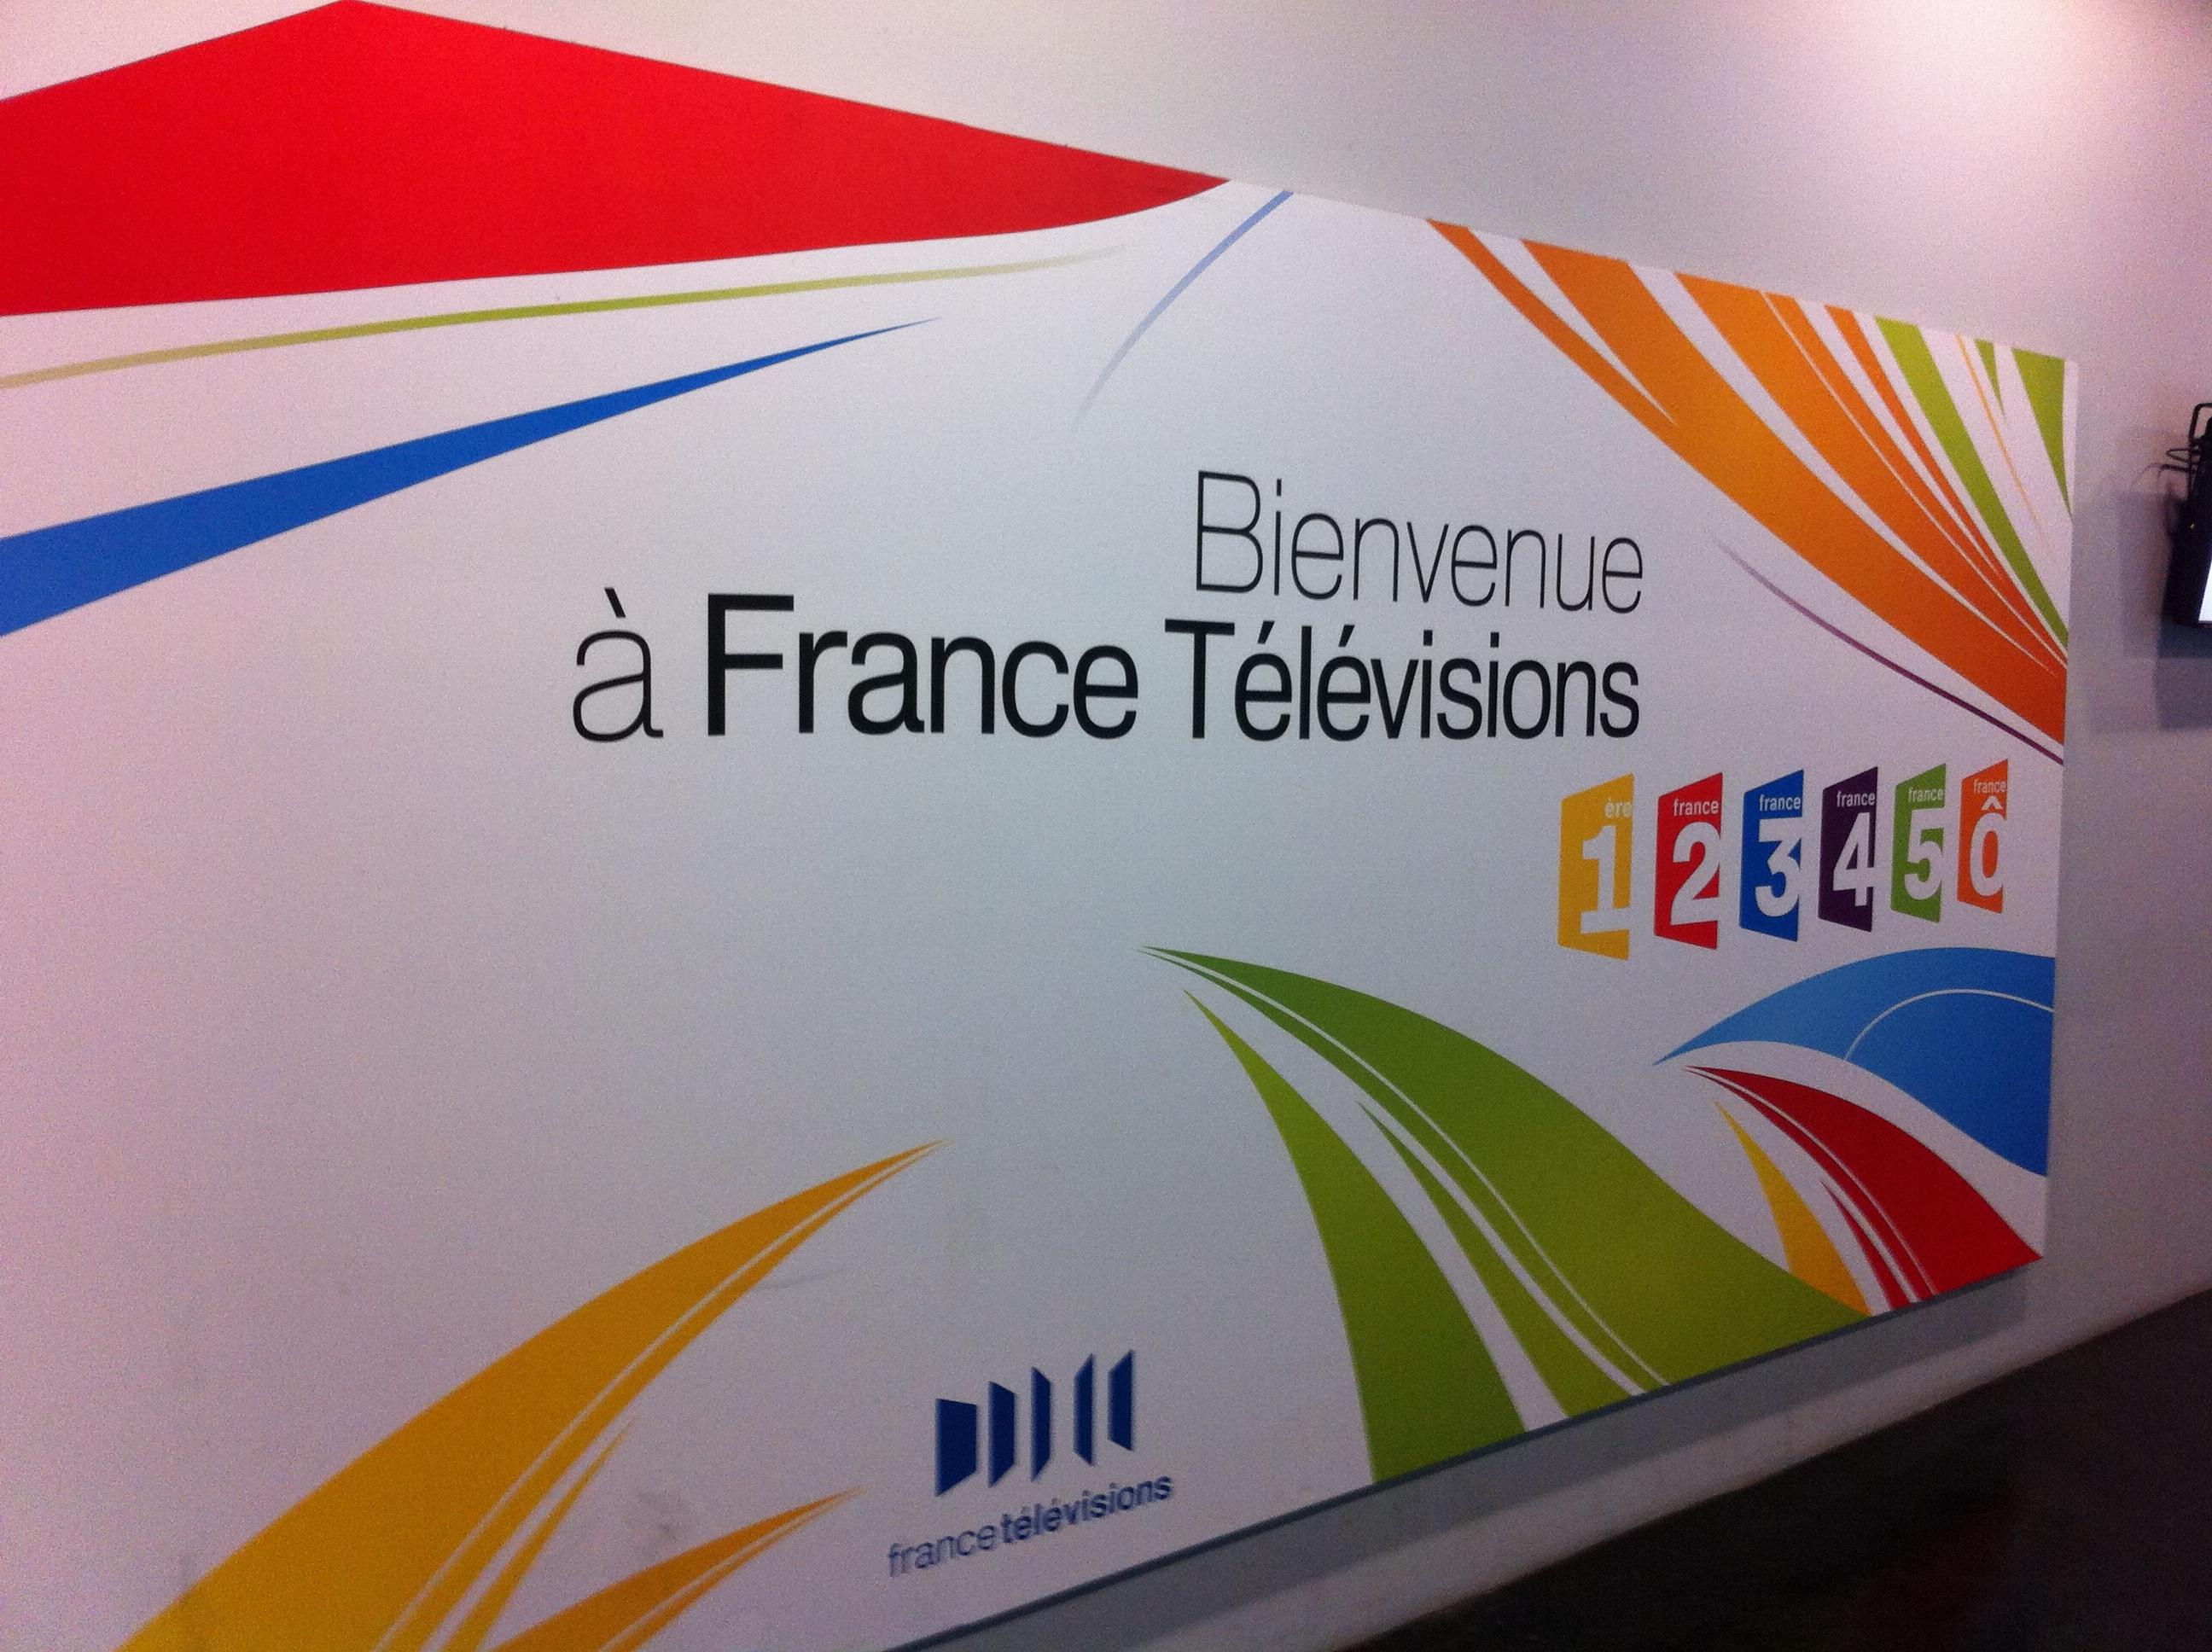 La diversità nei media francesi: un impegno per le pari opportunità